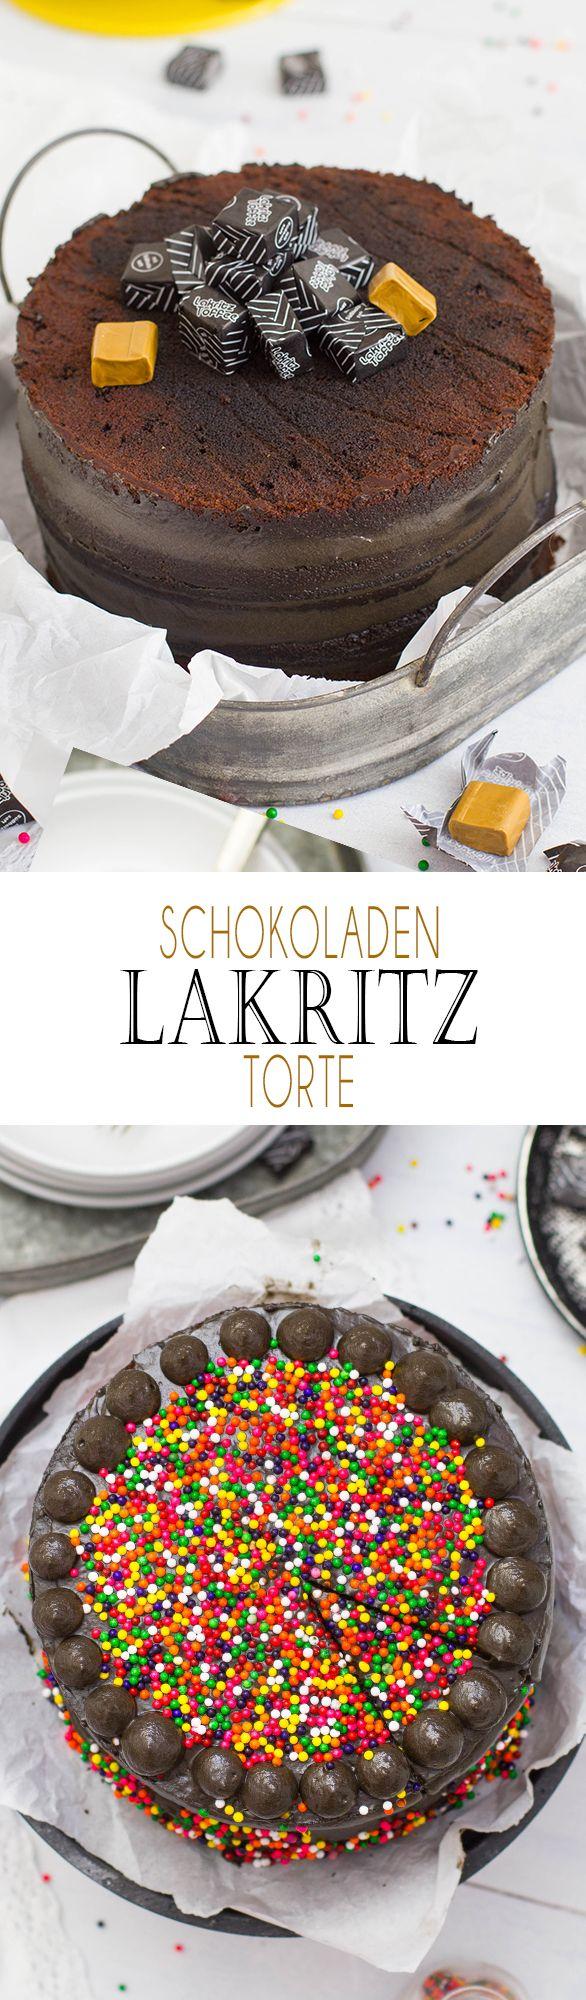 Chocolate licorice Cake with Sprinkles and licoriceToffee | Schokoladen Lakritz Torte mit bunten Streuseln und Lakritz Toffee